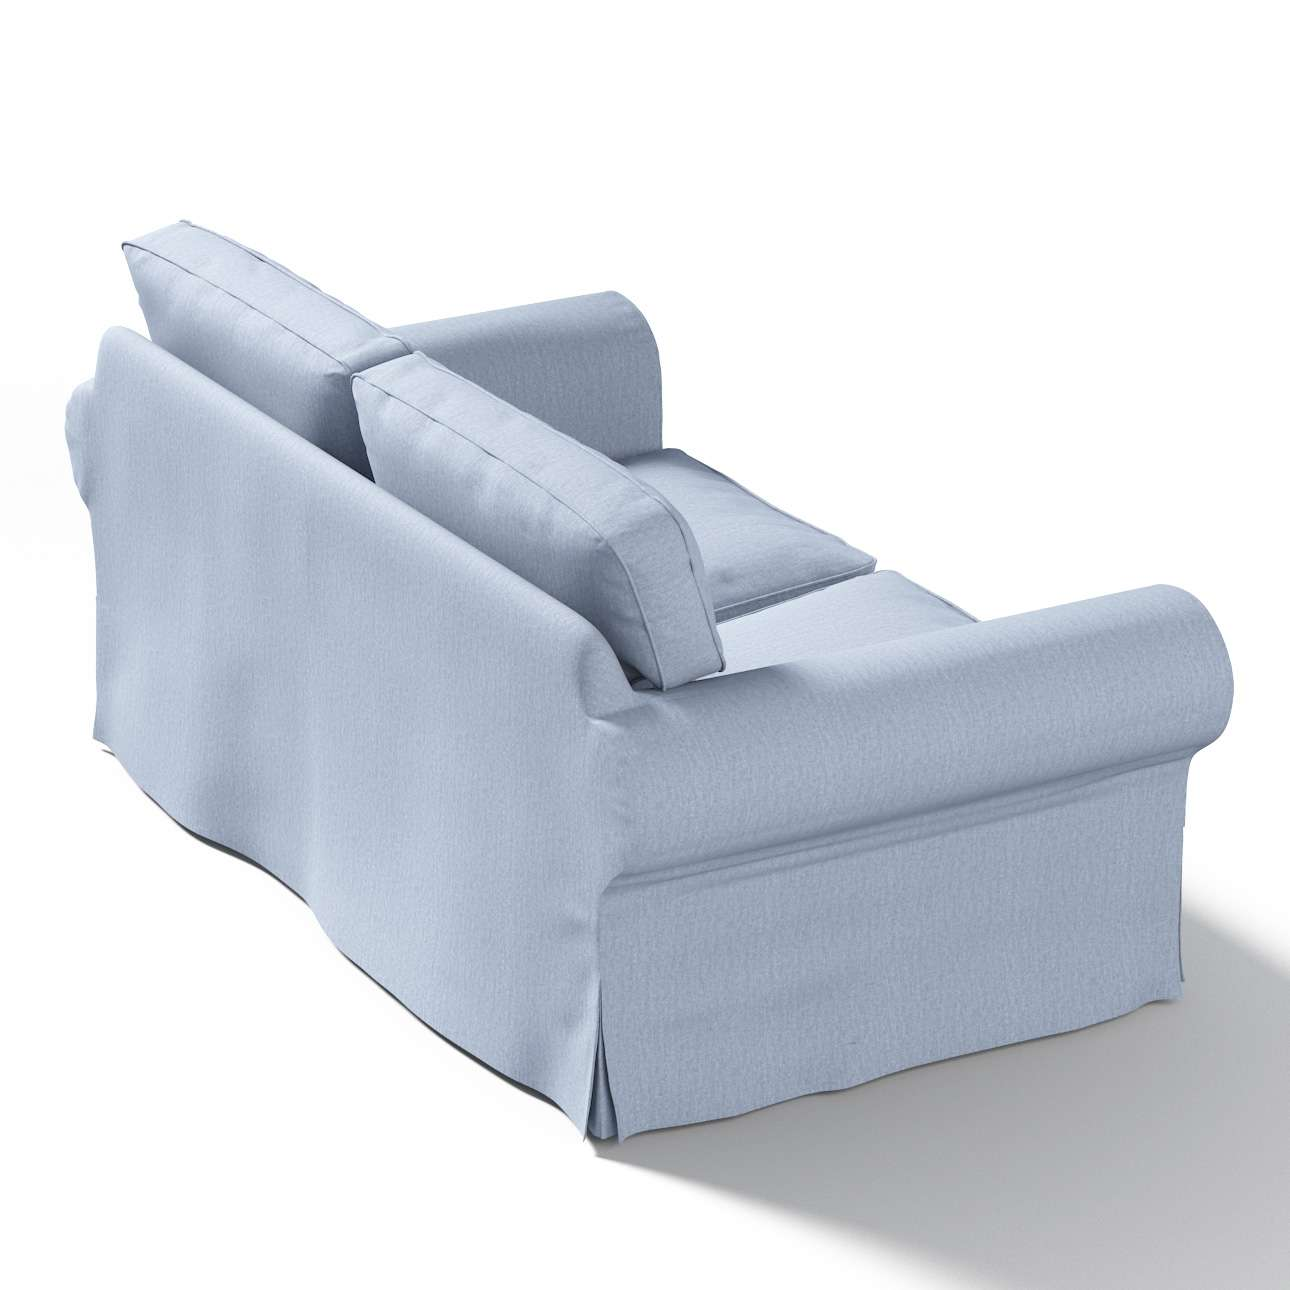 Pokrowiec na sofę Ektorp 2-osobową, nierozkładaną Sofa Ektorp 2-osobowa w kolekcji Chenille, tkanina: 702-13